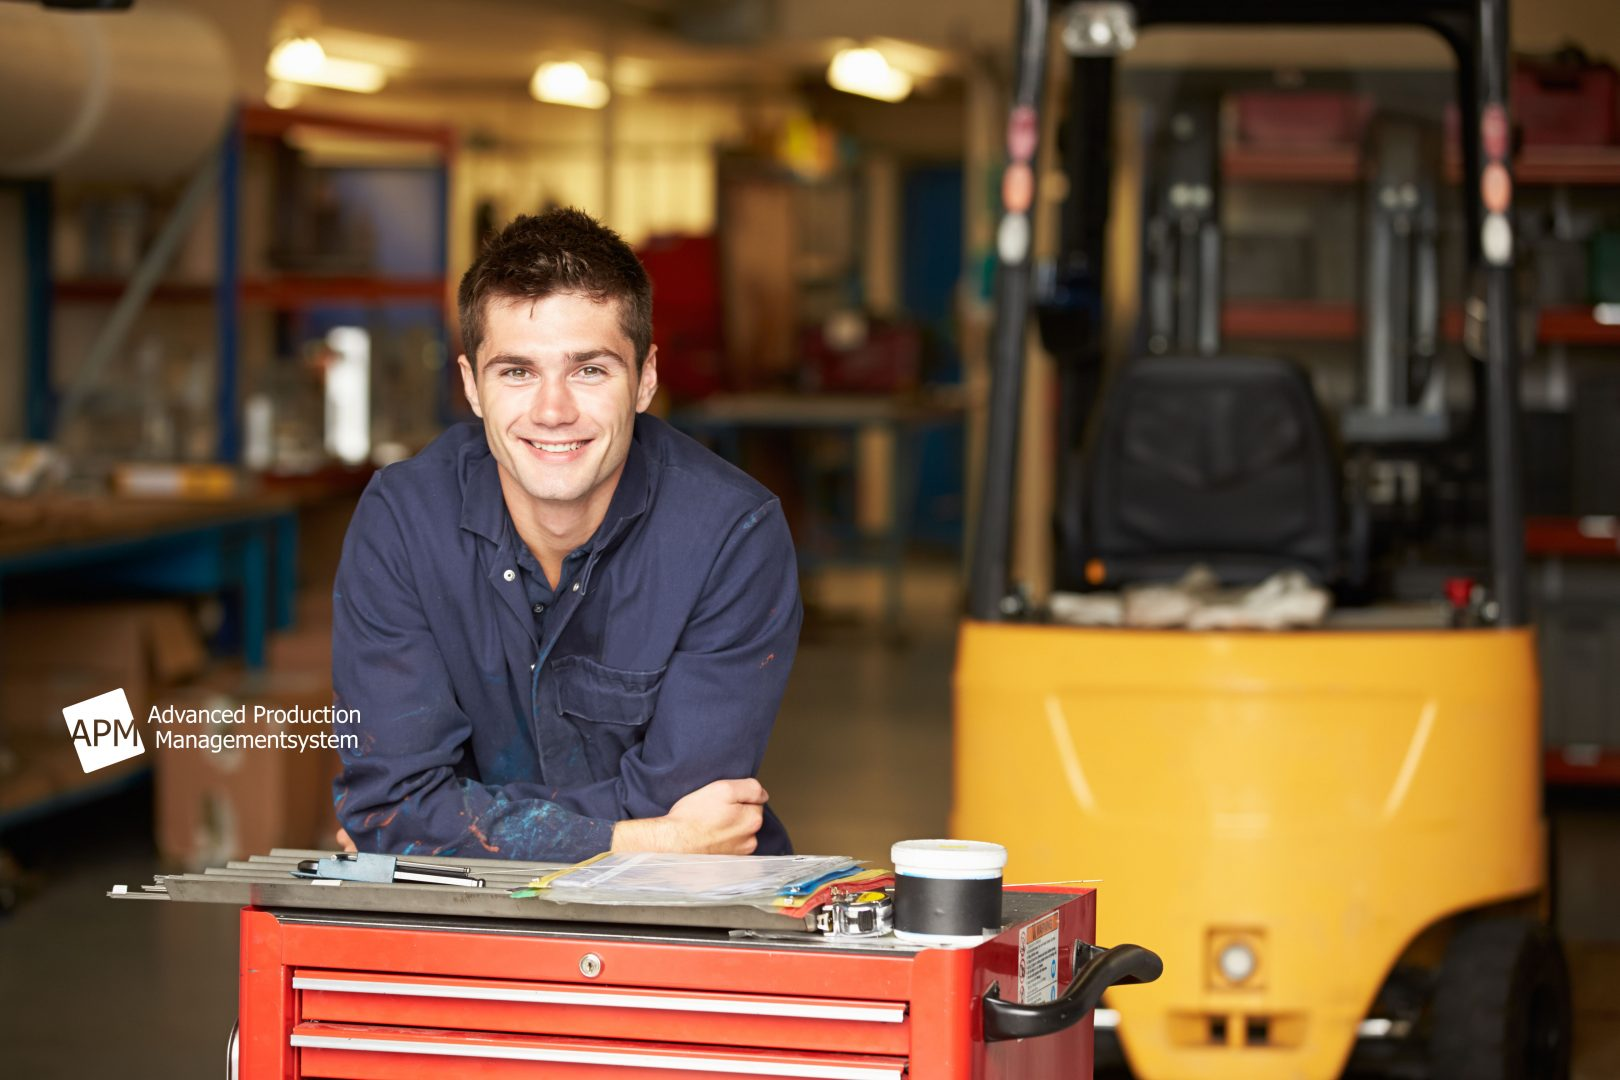 Compleet kwaliteits- en gereedschapsbeheer APM+